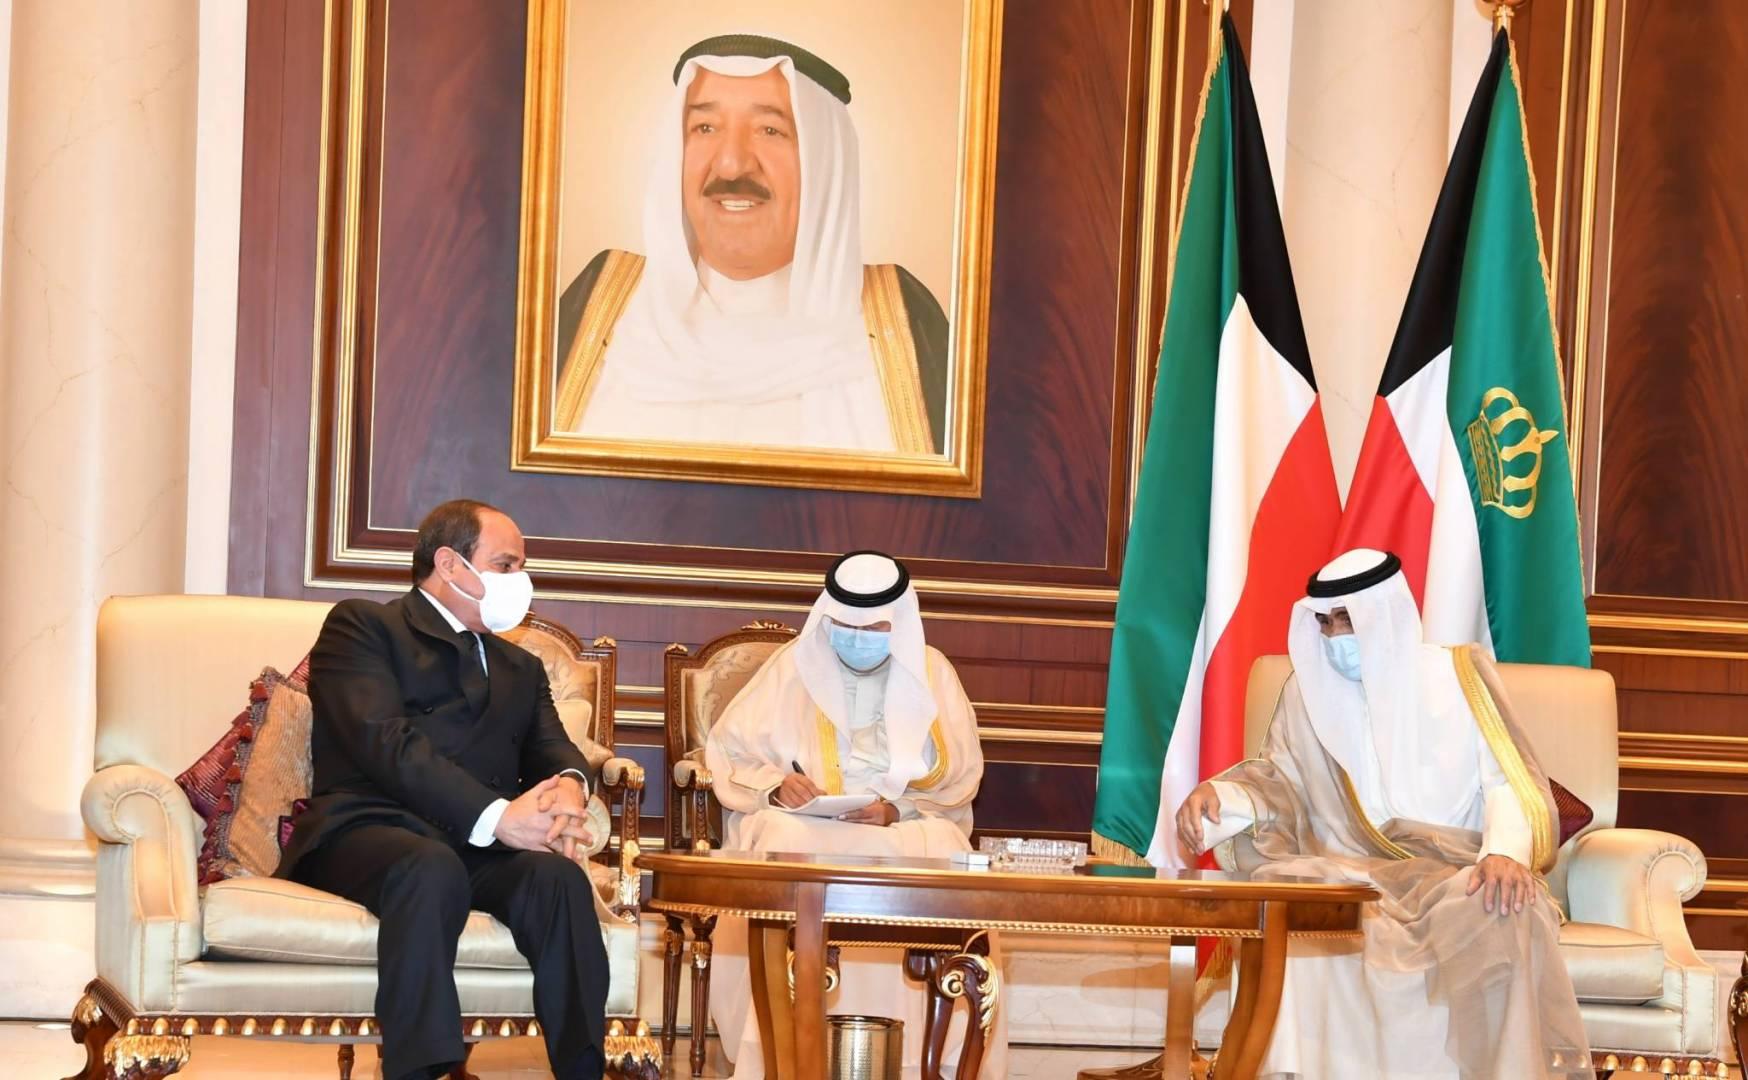 سمو أمير البلاد يستقبل الرئيس المصري للتعزية بوفاة الأمير الراحل